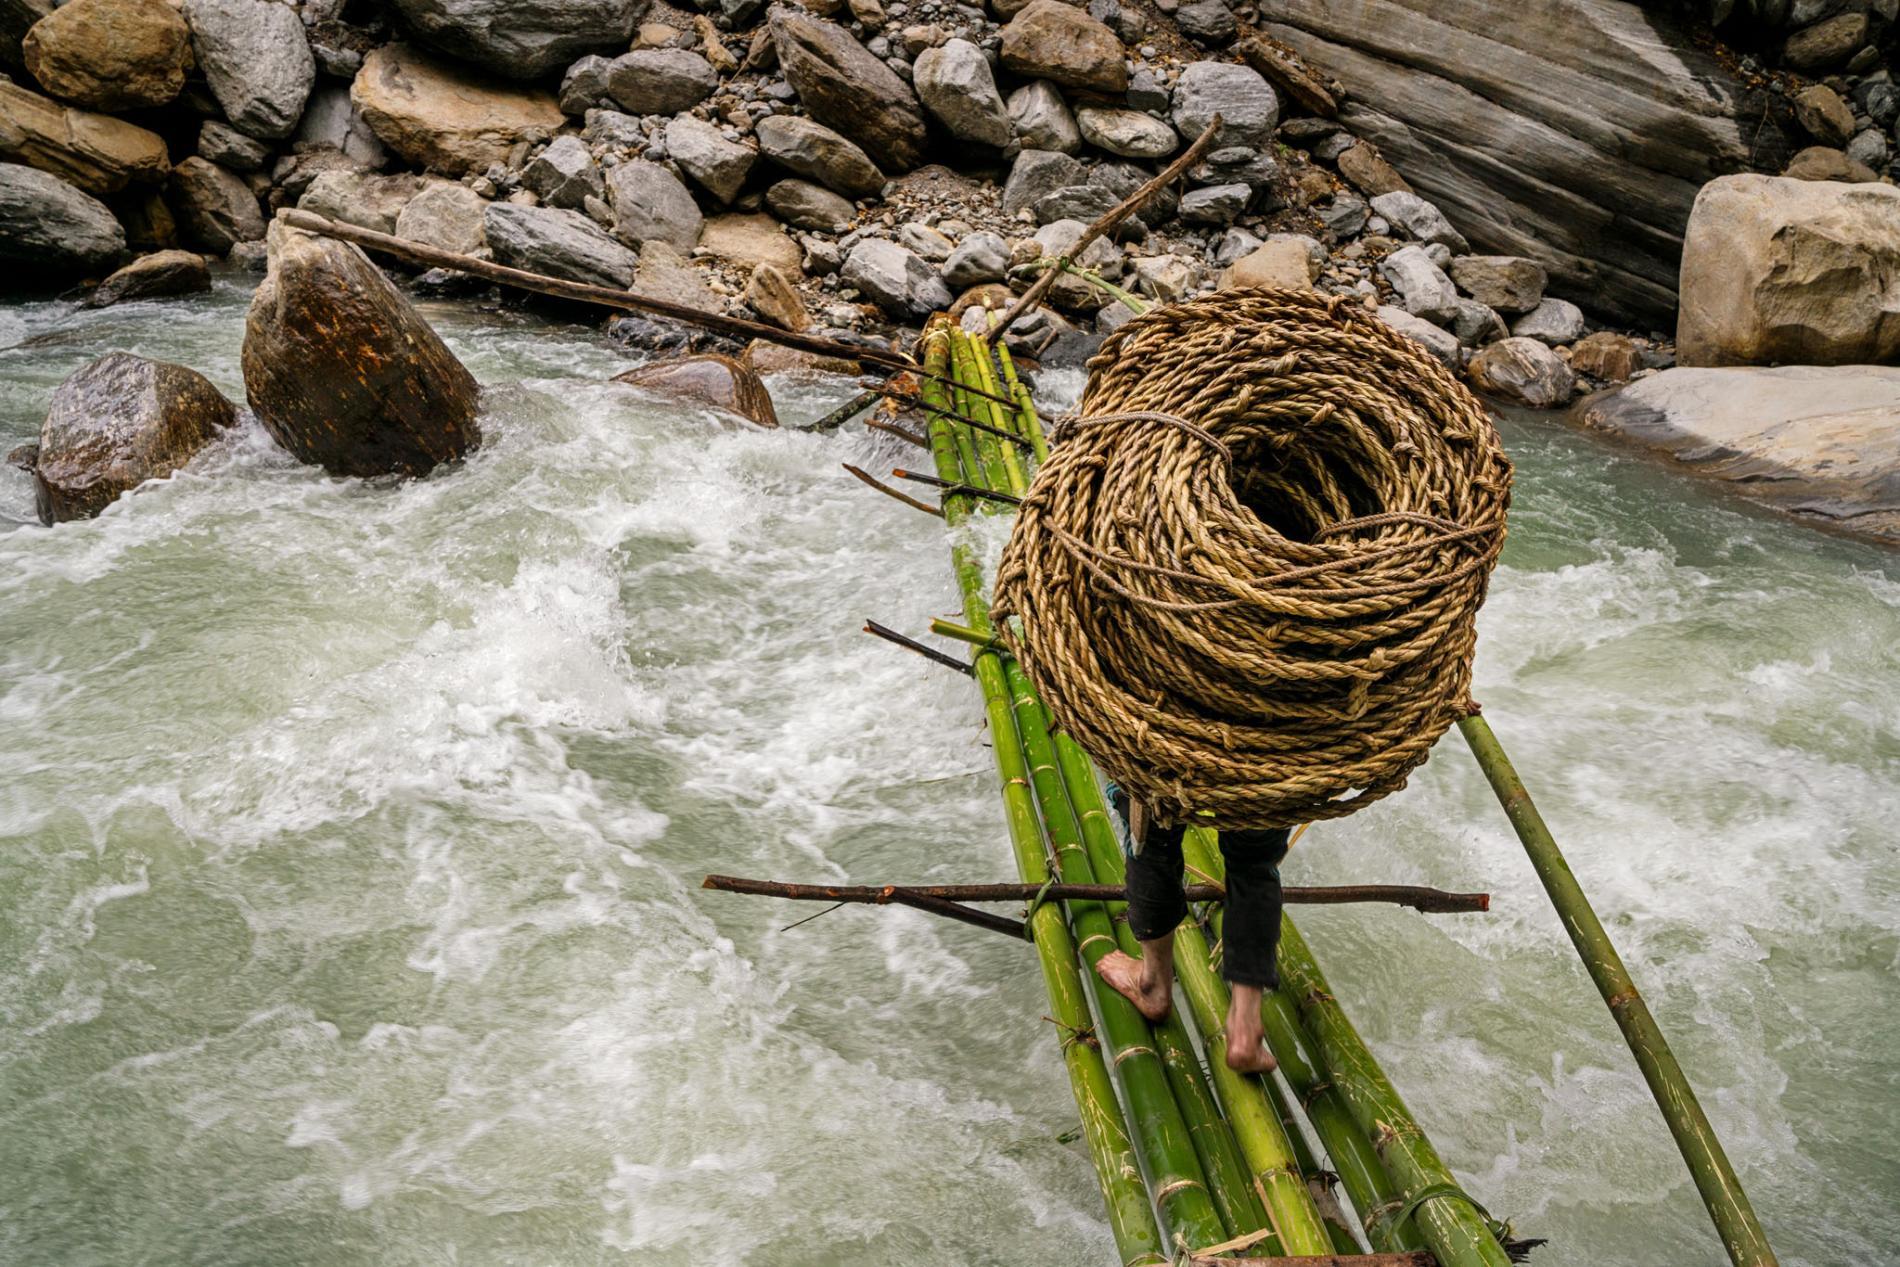 kulung-honey-nepal-bridge.adapt.1900.1